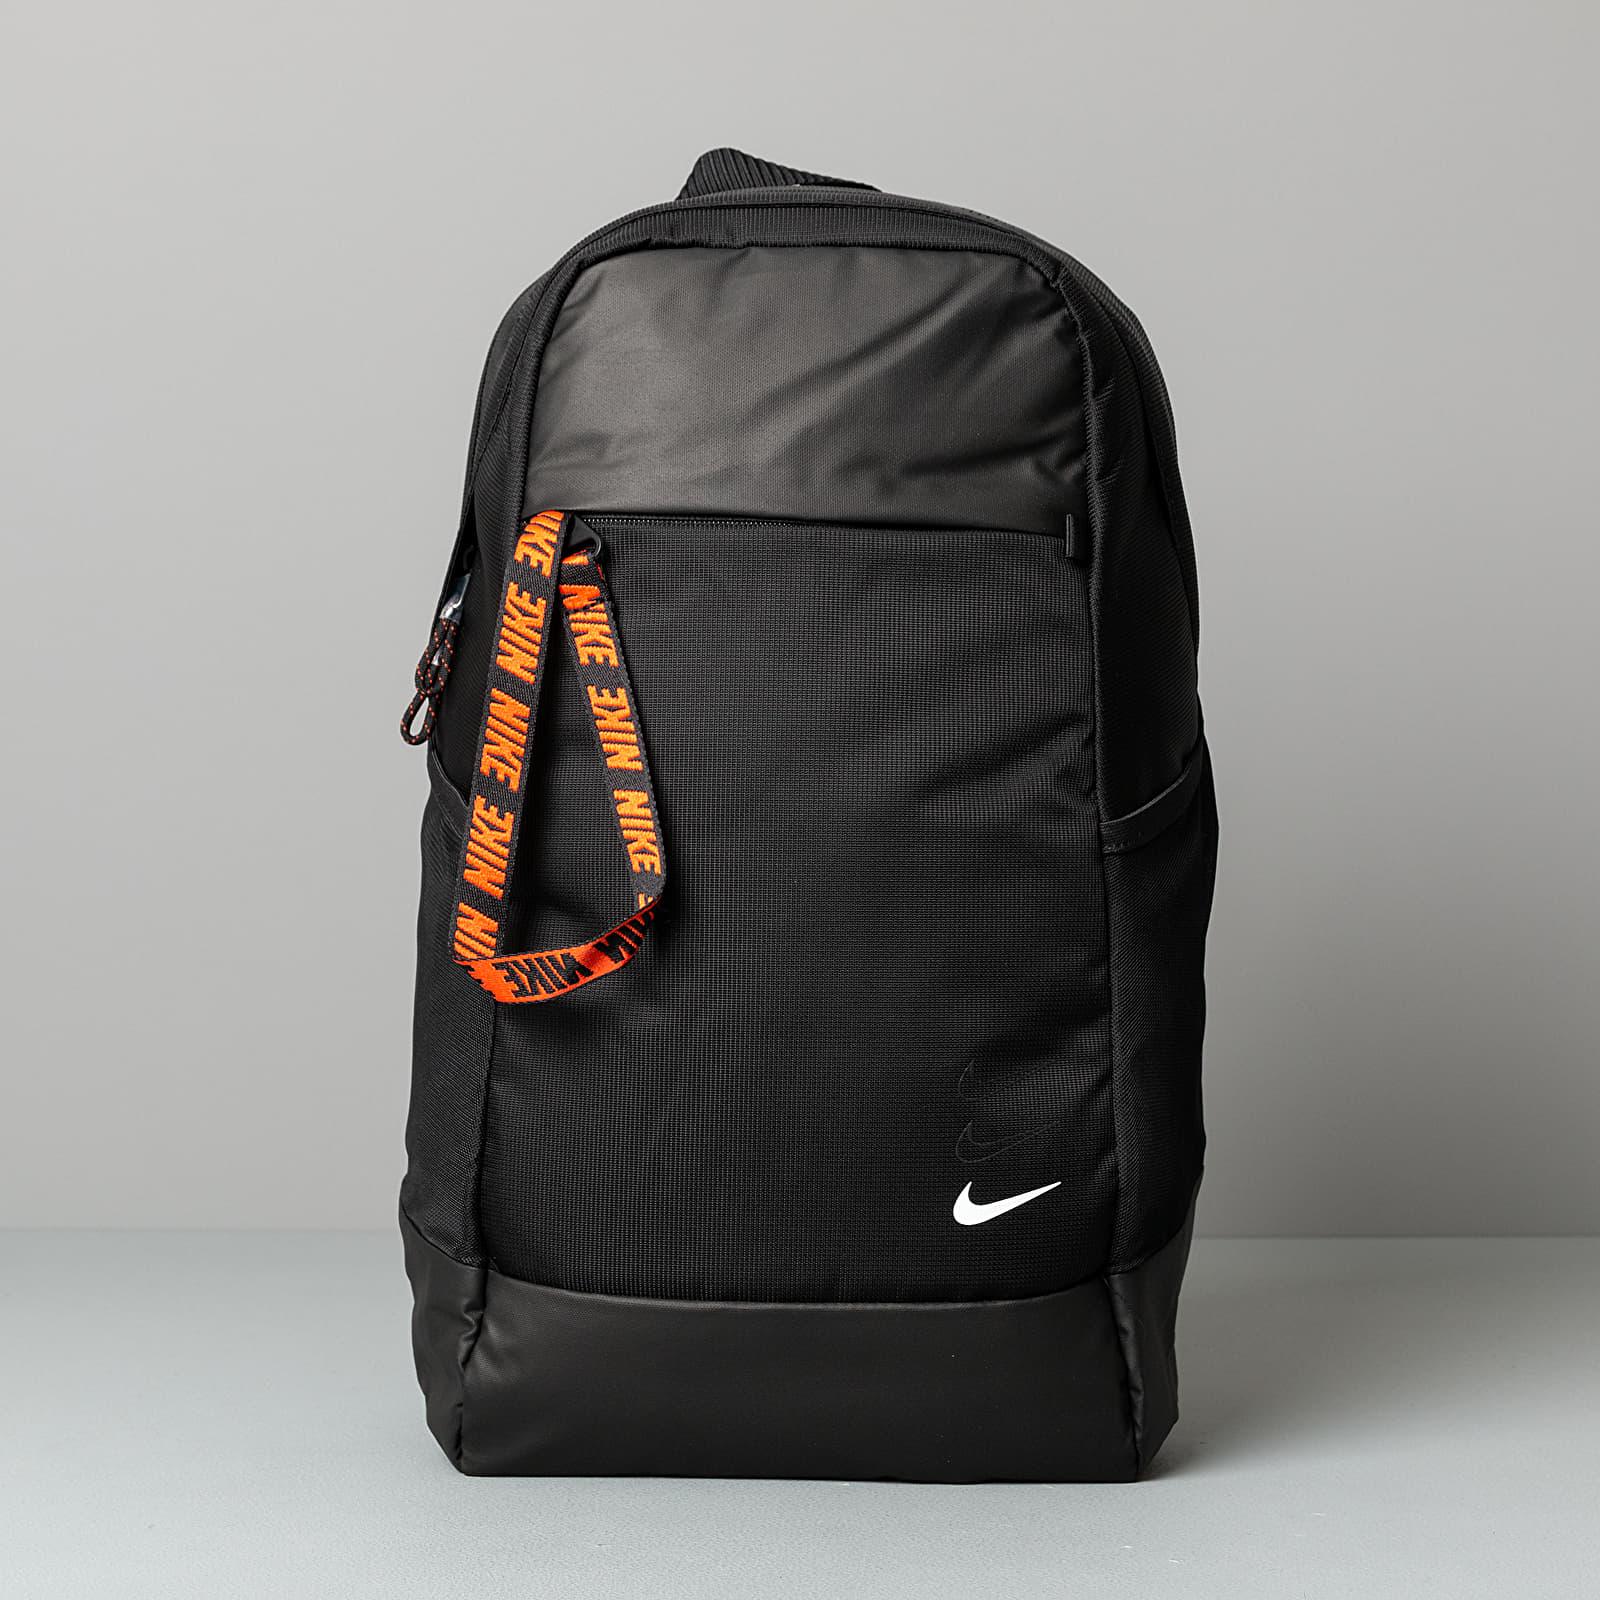 Batohy Nike Sportswear Essentials Backpack Black/ Black/ White